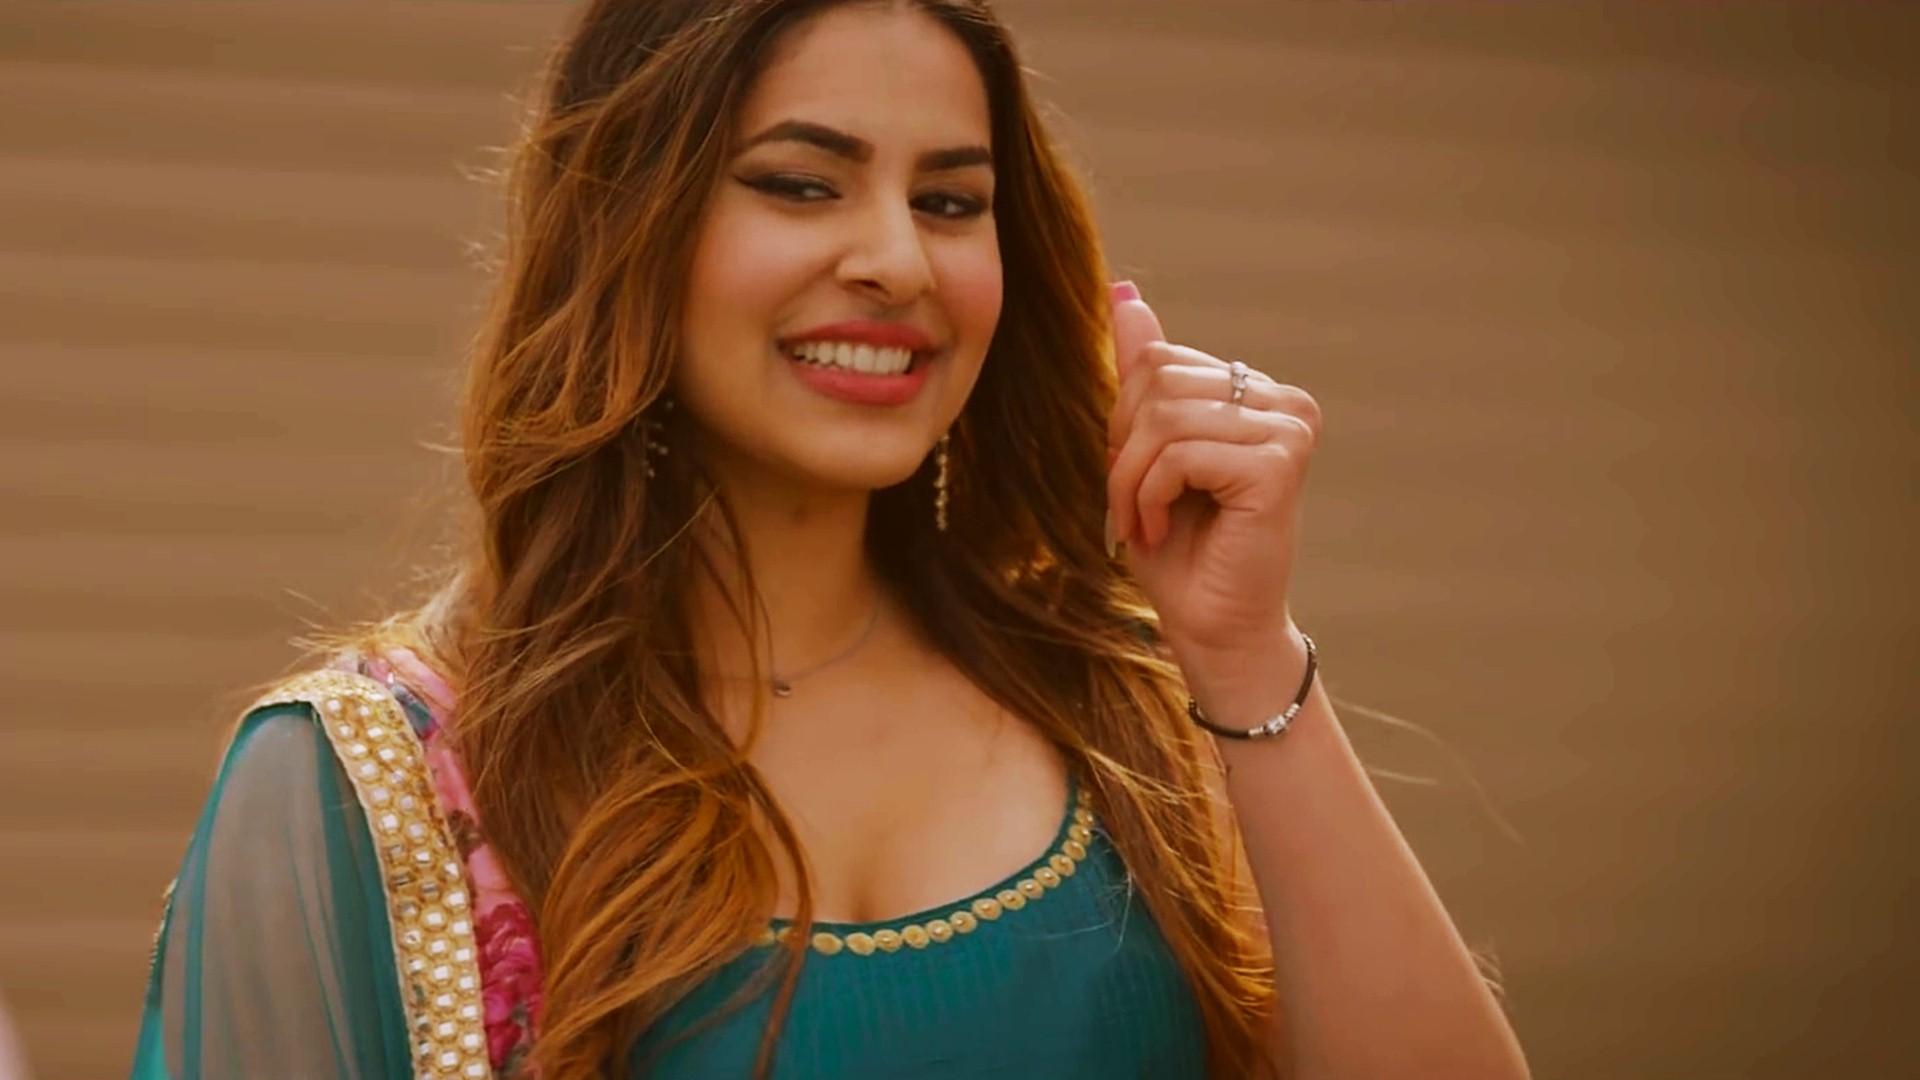 Cute Punjabi Girl Wallpaper Download Sim Khurme Wallpapers Hd Backgrounds Images Pics Photos